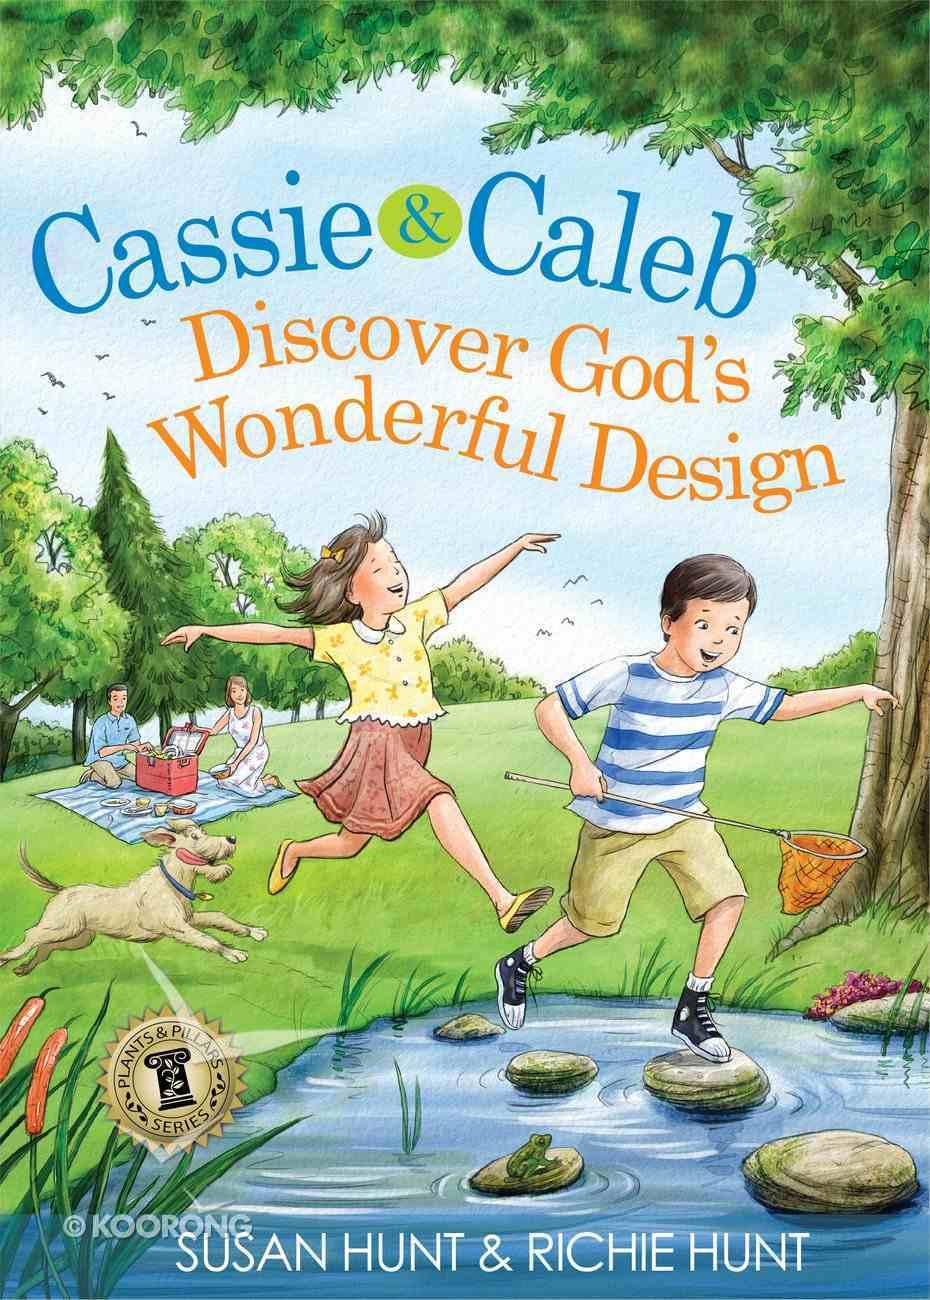 Cassie & Caleb Discover God's Wonderful Design eBook